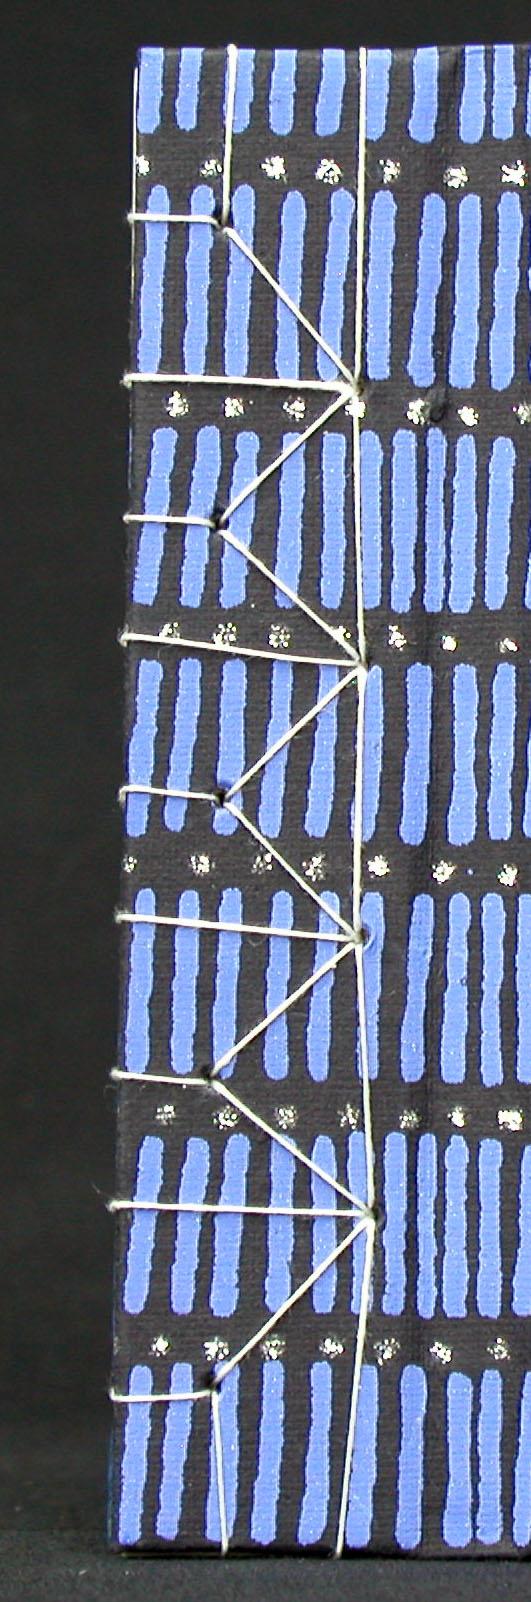 hemp stitch closeup